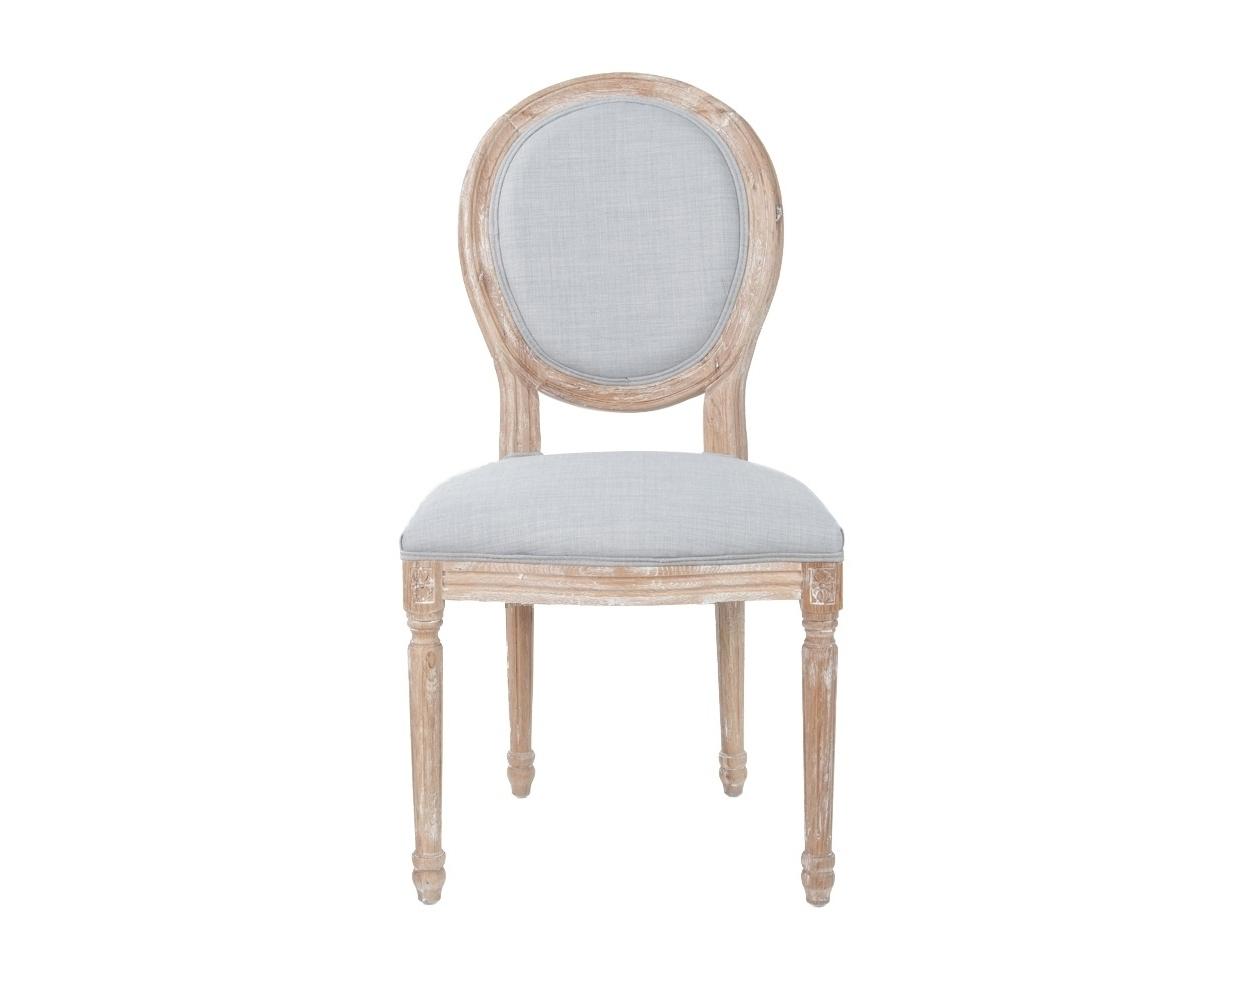 Стул MiroОбеденные стулья<br>Стул Miro выполнен в элегантном классическом стиле с изящной спинкой, но не так серьезен благодаря своей изюминке - яркой расцветке. Яркий и одновременно изысканный стул.&amp;lt;div&amp;gt;Cветло-серый с небольшим оттенком синевы&amp;lt;br&amp;gt;&amp;lt;/div&amp;gt;&amp;lt;div&amp;gt;&amp;lt;br&amp;gt;&amp;lt;/div&amp;gt;&amp;lt;div&amp;gt;Материал: Лен, Массив дуба.&amp;amp;nbsp;&amp;lt;/div&amp;gt;<br><br>Material: Дуб<br>Width см: 50<br>Depth см: 56<br>Height см: 98